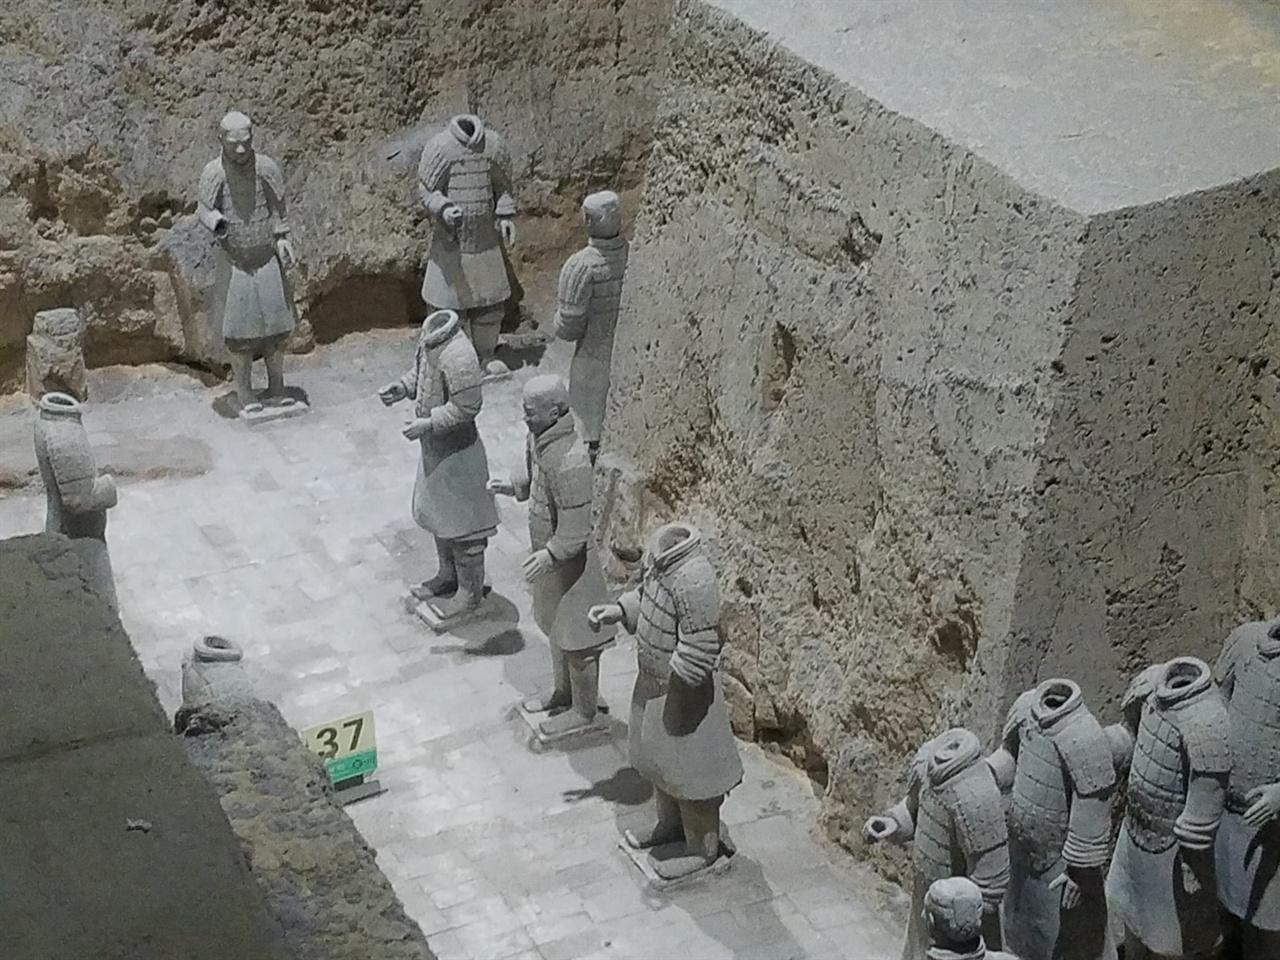 병마용박물관 제3호갱 전시실 내부의 모습. 이곳은 군사 지휘부를 이루는 병용과 마용의 도기들이 매립되어 있는 곳으로 역사적인 가치가 높다.